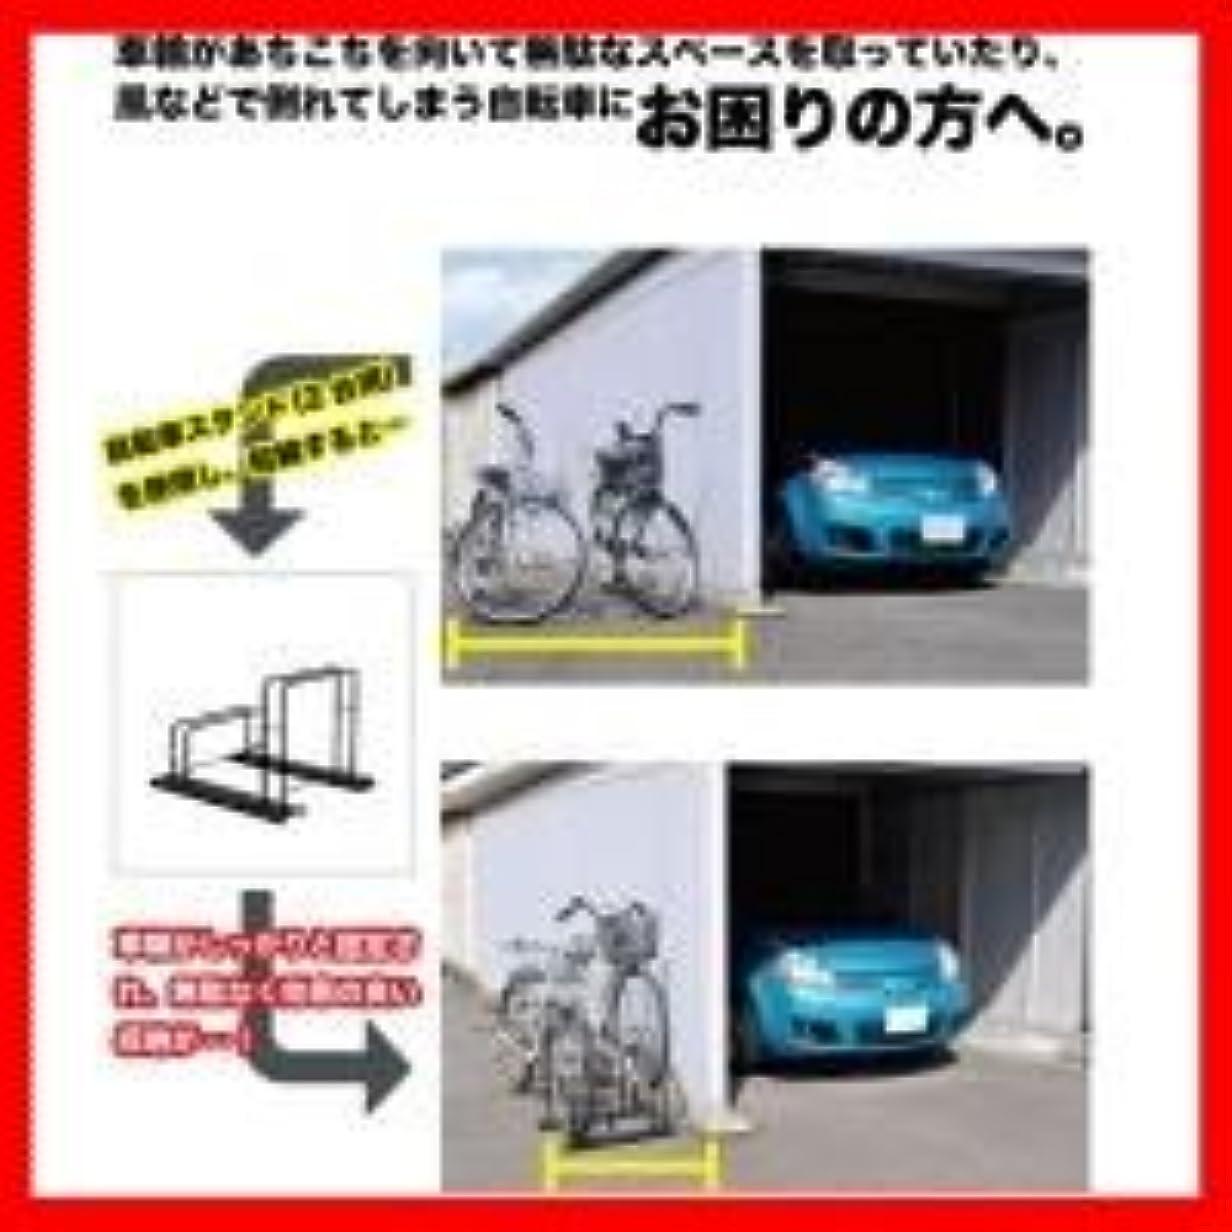 たっぷり出版特異なNA-177 自転車スタンド 1台用